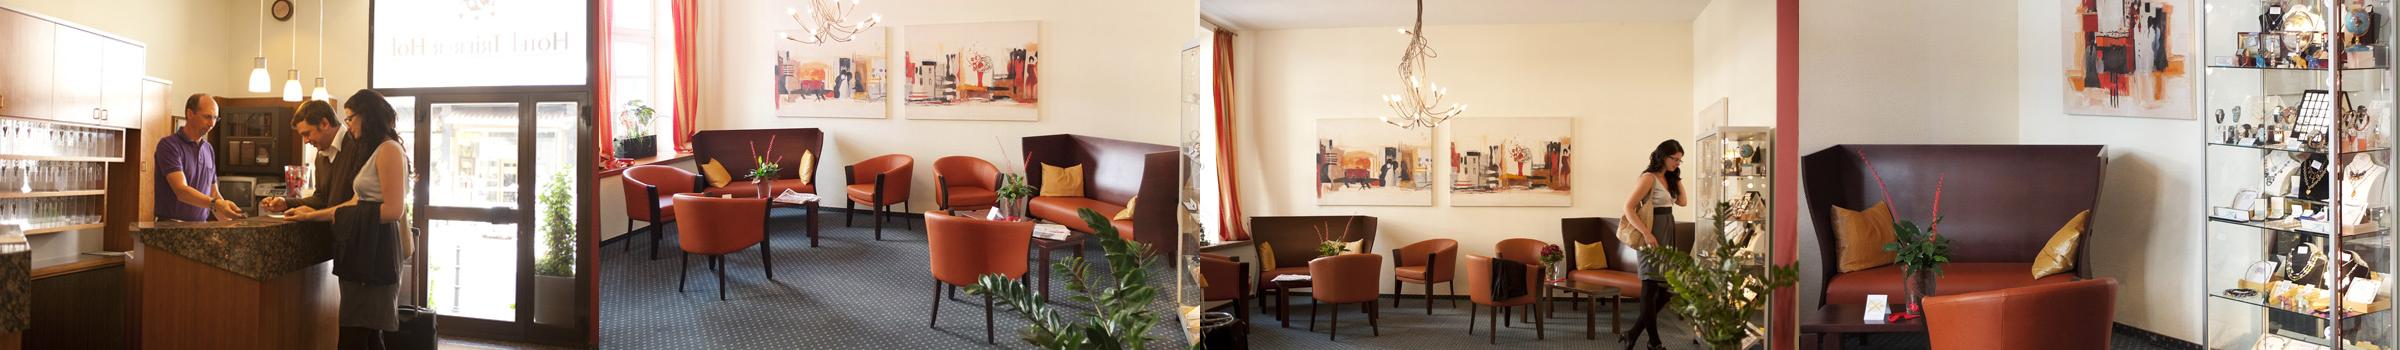 hotel-koblenz-triererhof_preise_1-17